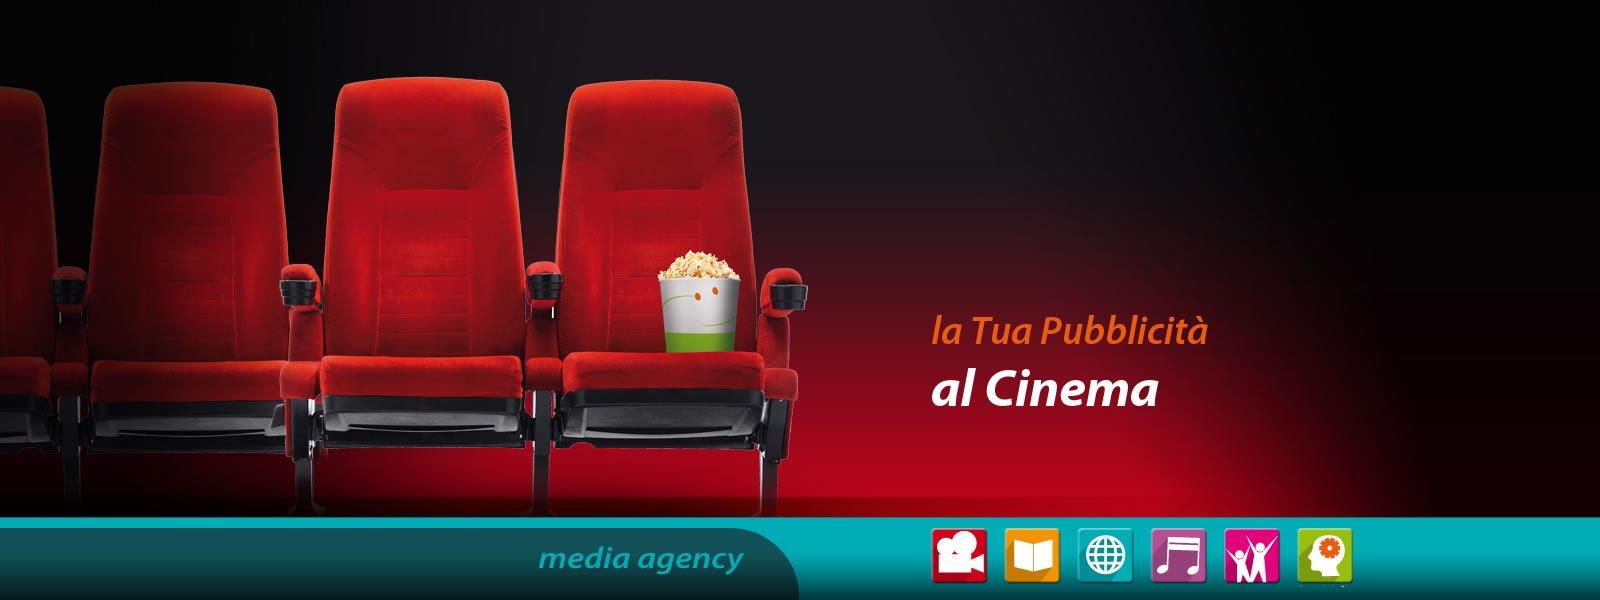 Publimedia Italia concessionaria di pubblicità per il cinema